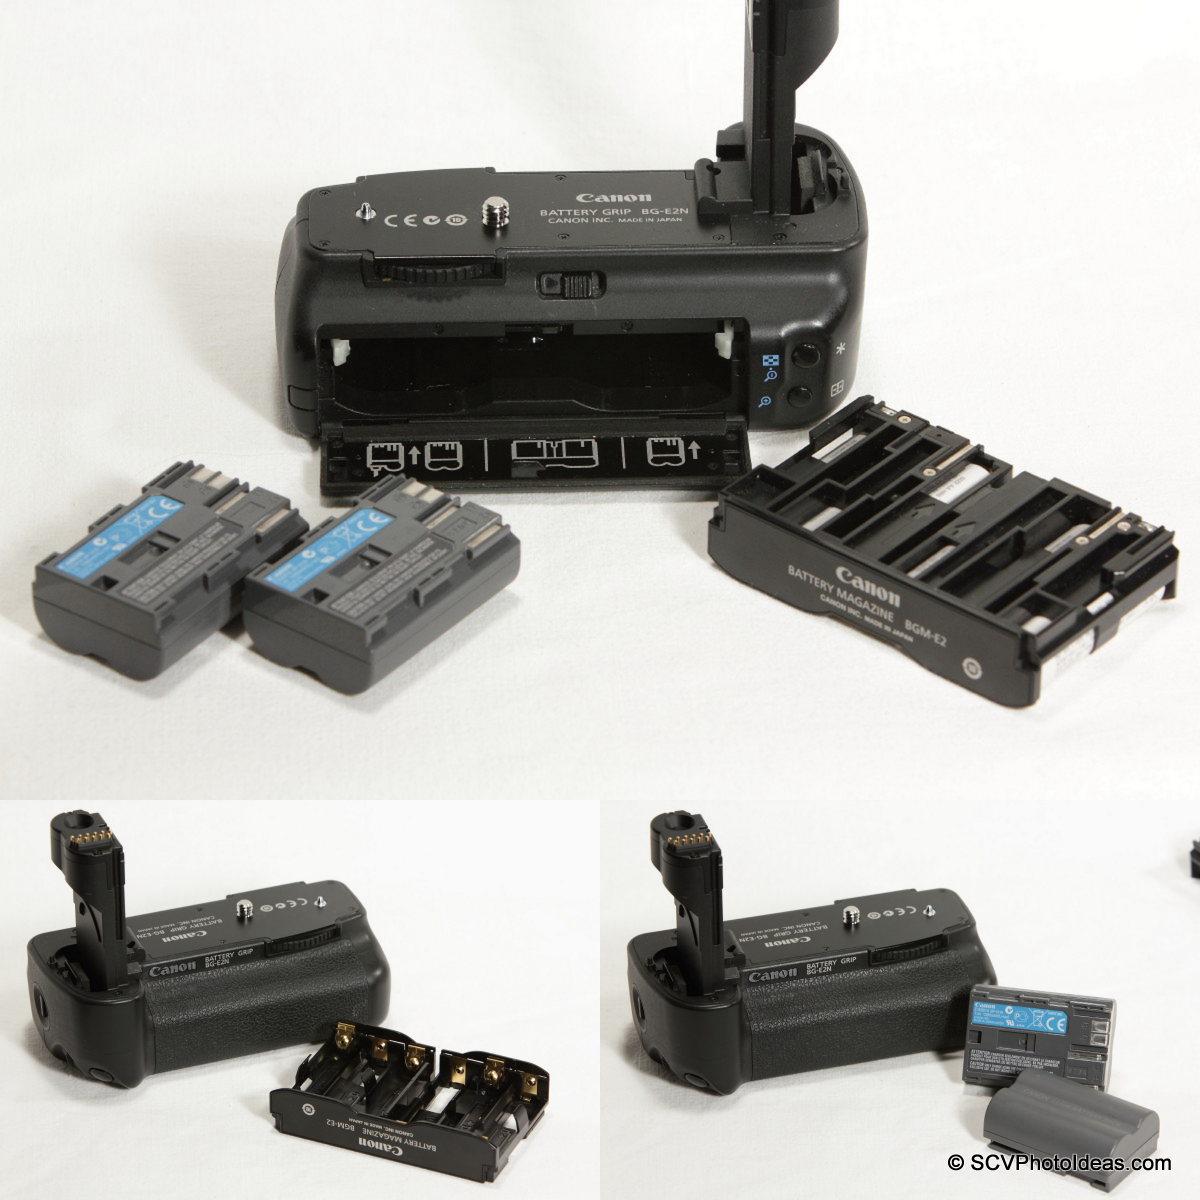 Canon BG-E2N Battery Grip battery options